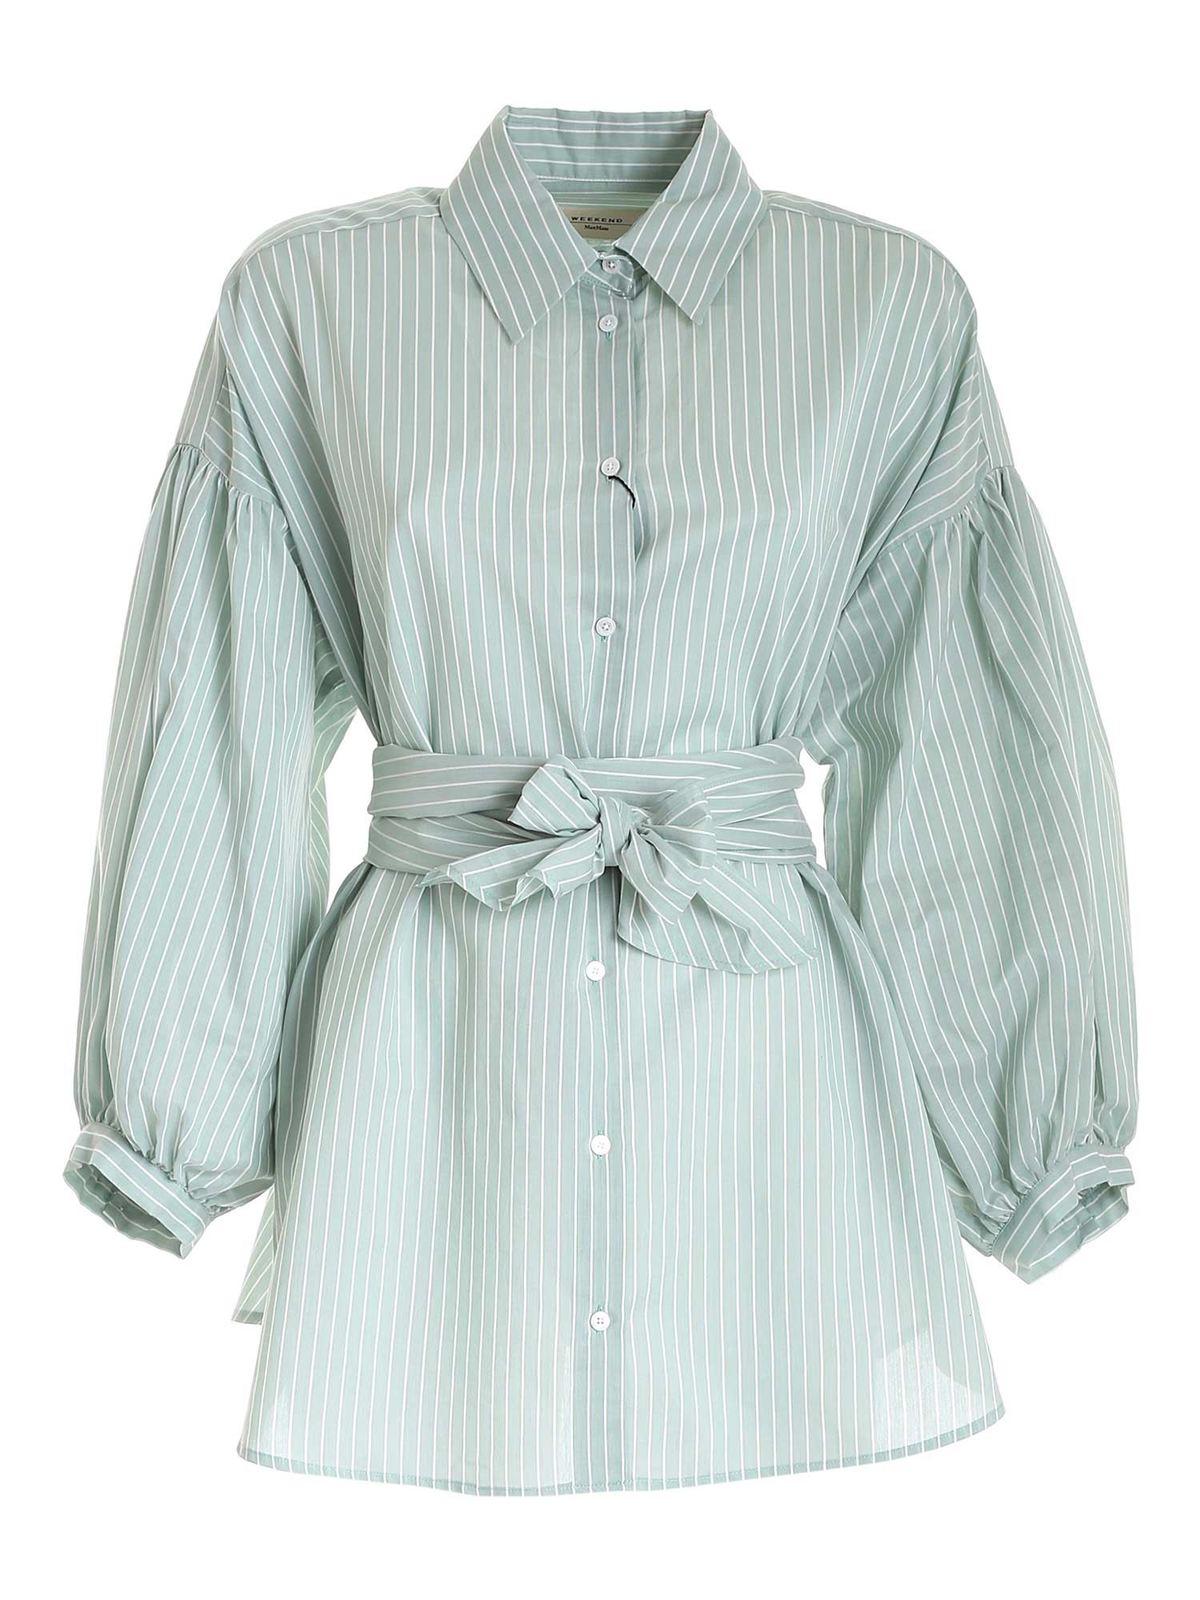 Weekend Max Mara Shirts BALEARI SHIRT IN GREEN AND WHITE